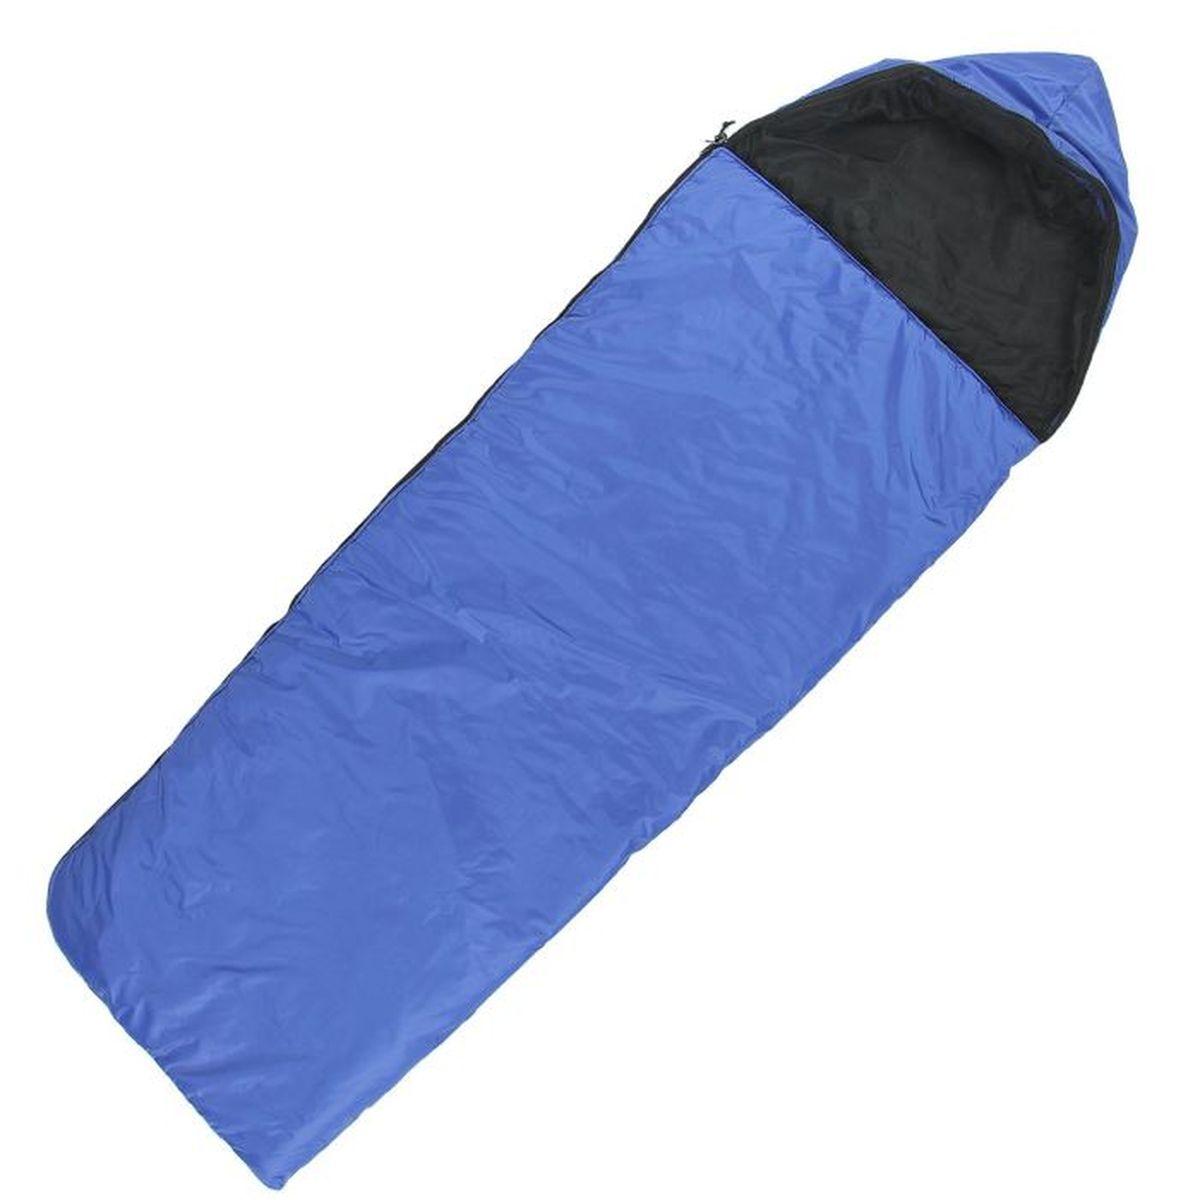 Спальный мешок Onlitop Люкс, цвет: синий, правосторонняя молния. 11359901135990Комфортный, просторный и очень теплый 3-х сезонный спальник предназначен для походов и для отдыха на природе не только в летнее время, но и в прохладные дни весенне-осеннего периода. В теплое время спальный мешок можно использовать как одеяло (в том числе и дома).